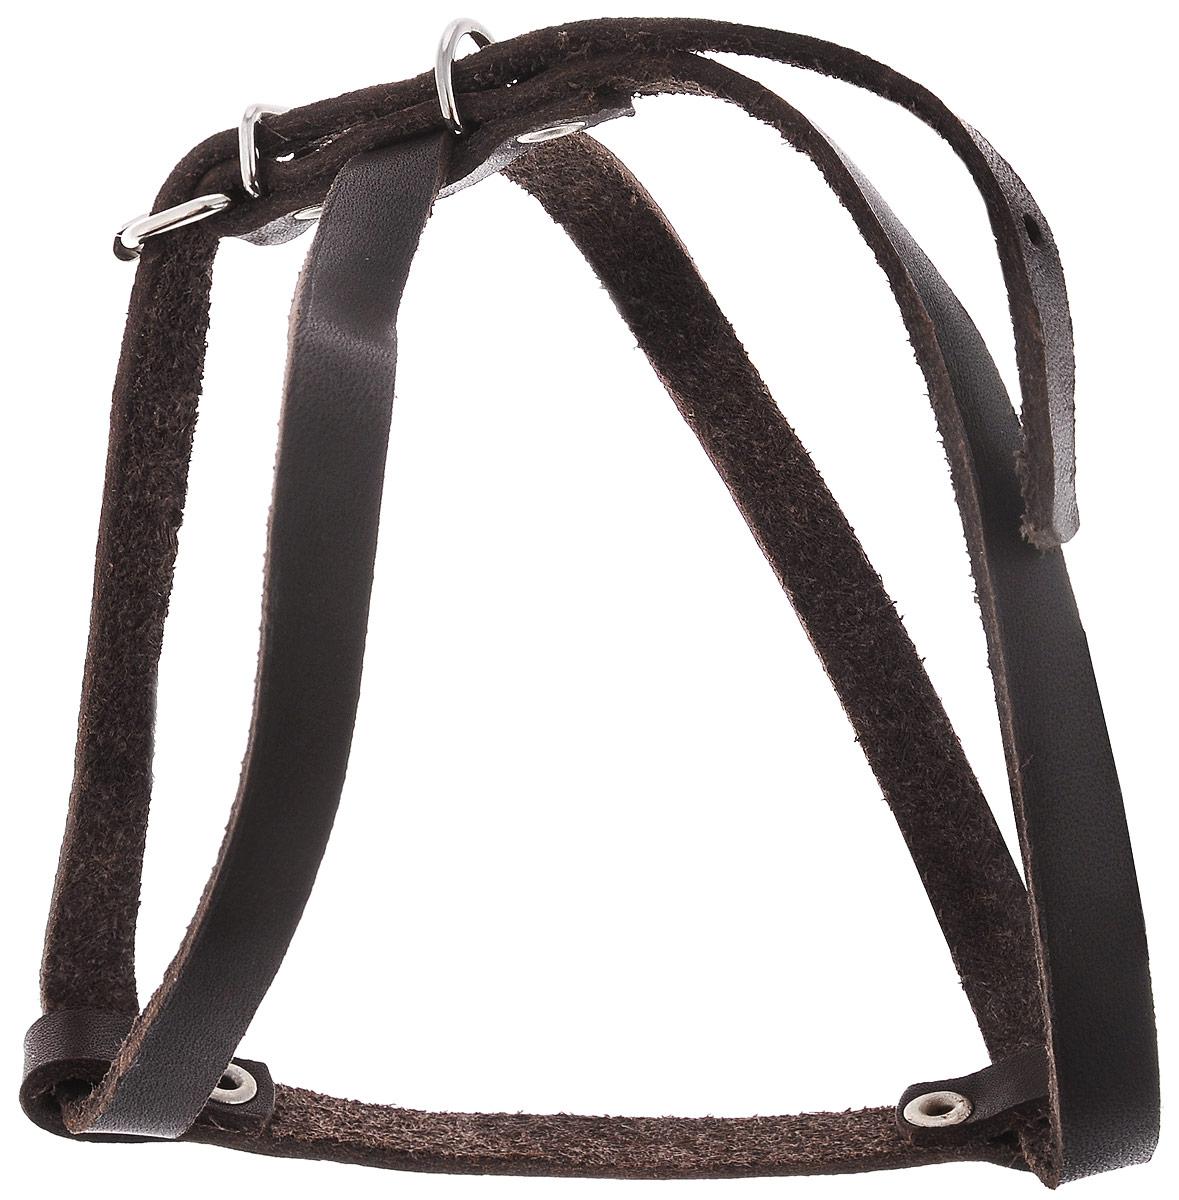 Шлейка для собак и кошек Каскад Восьмерка, ширина 1 см, обхват груди 30-37 см01010201кШлейка Каскад Восьмерка, изготовленная из и натуральной кожи, подходит для собак мелких пород и кошек. Крепкие металлические элементы делают ее надежной и долговечной. Шлейка - это альтернатива ошейнику. Правильно подобранная шлейка не стесняет движения питомца, не натирает кожу, поэтому животное чувствует себя в ней уверенно и комфортно. Изделие отличается высоким качеством, удобством и универсальностью. Размер регулируется при помощи пряжек, зафиксированных в одном из 7 отверстий. Обхват шеи: 24-28 см. Обхват груди: 30-37 см. Ширина шлейки: 1см.